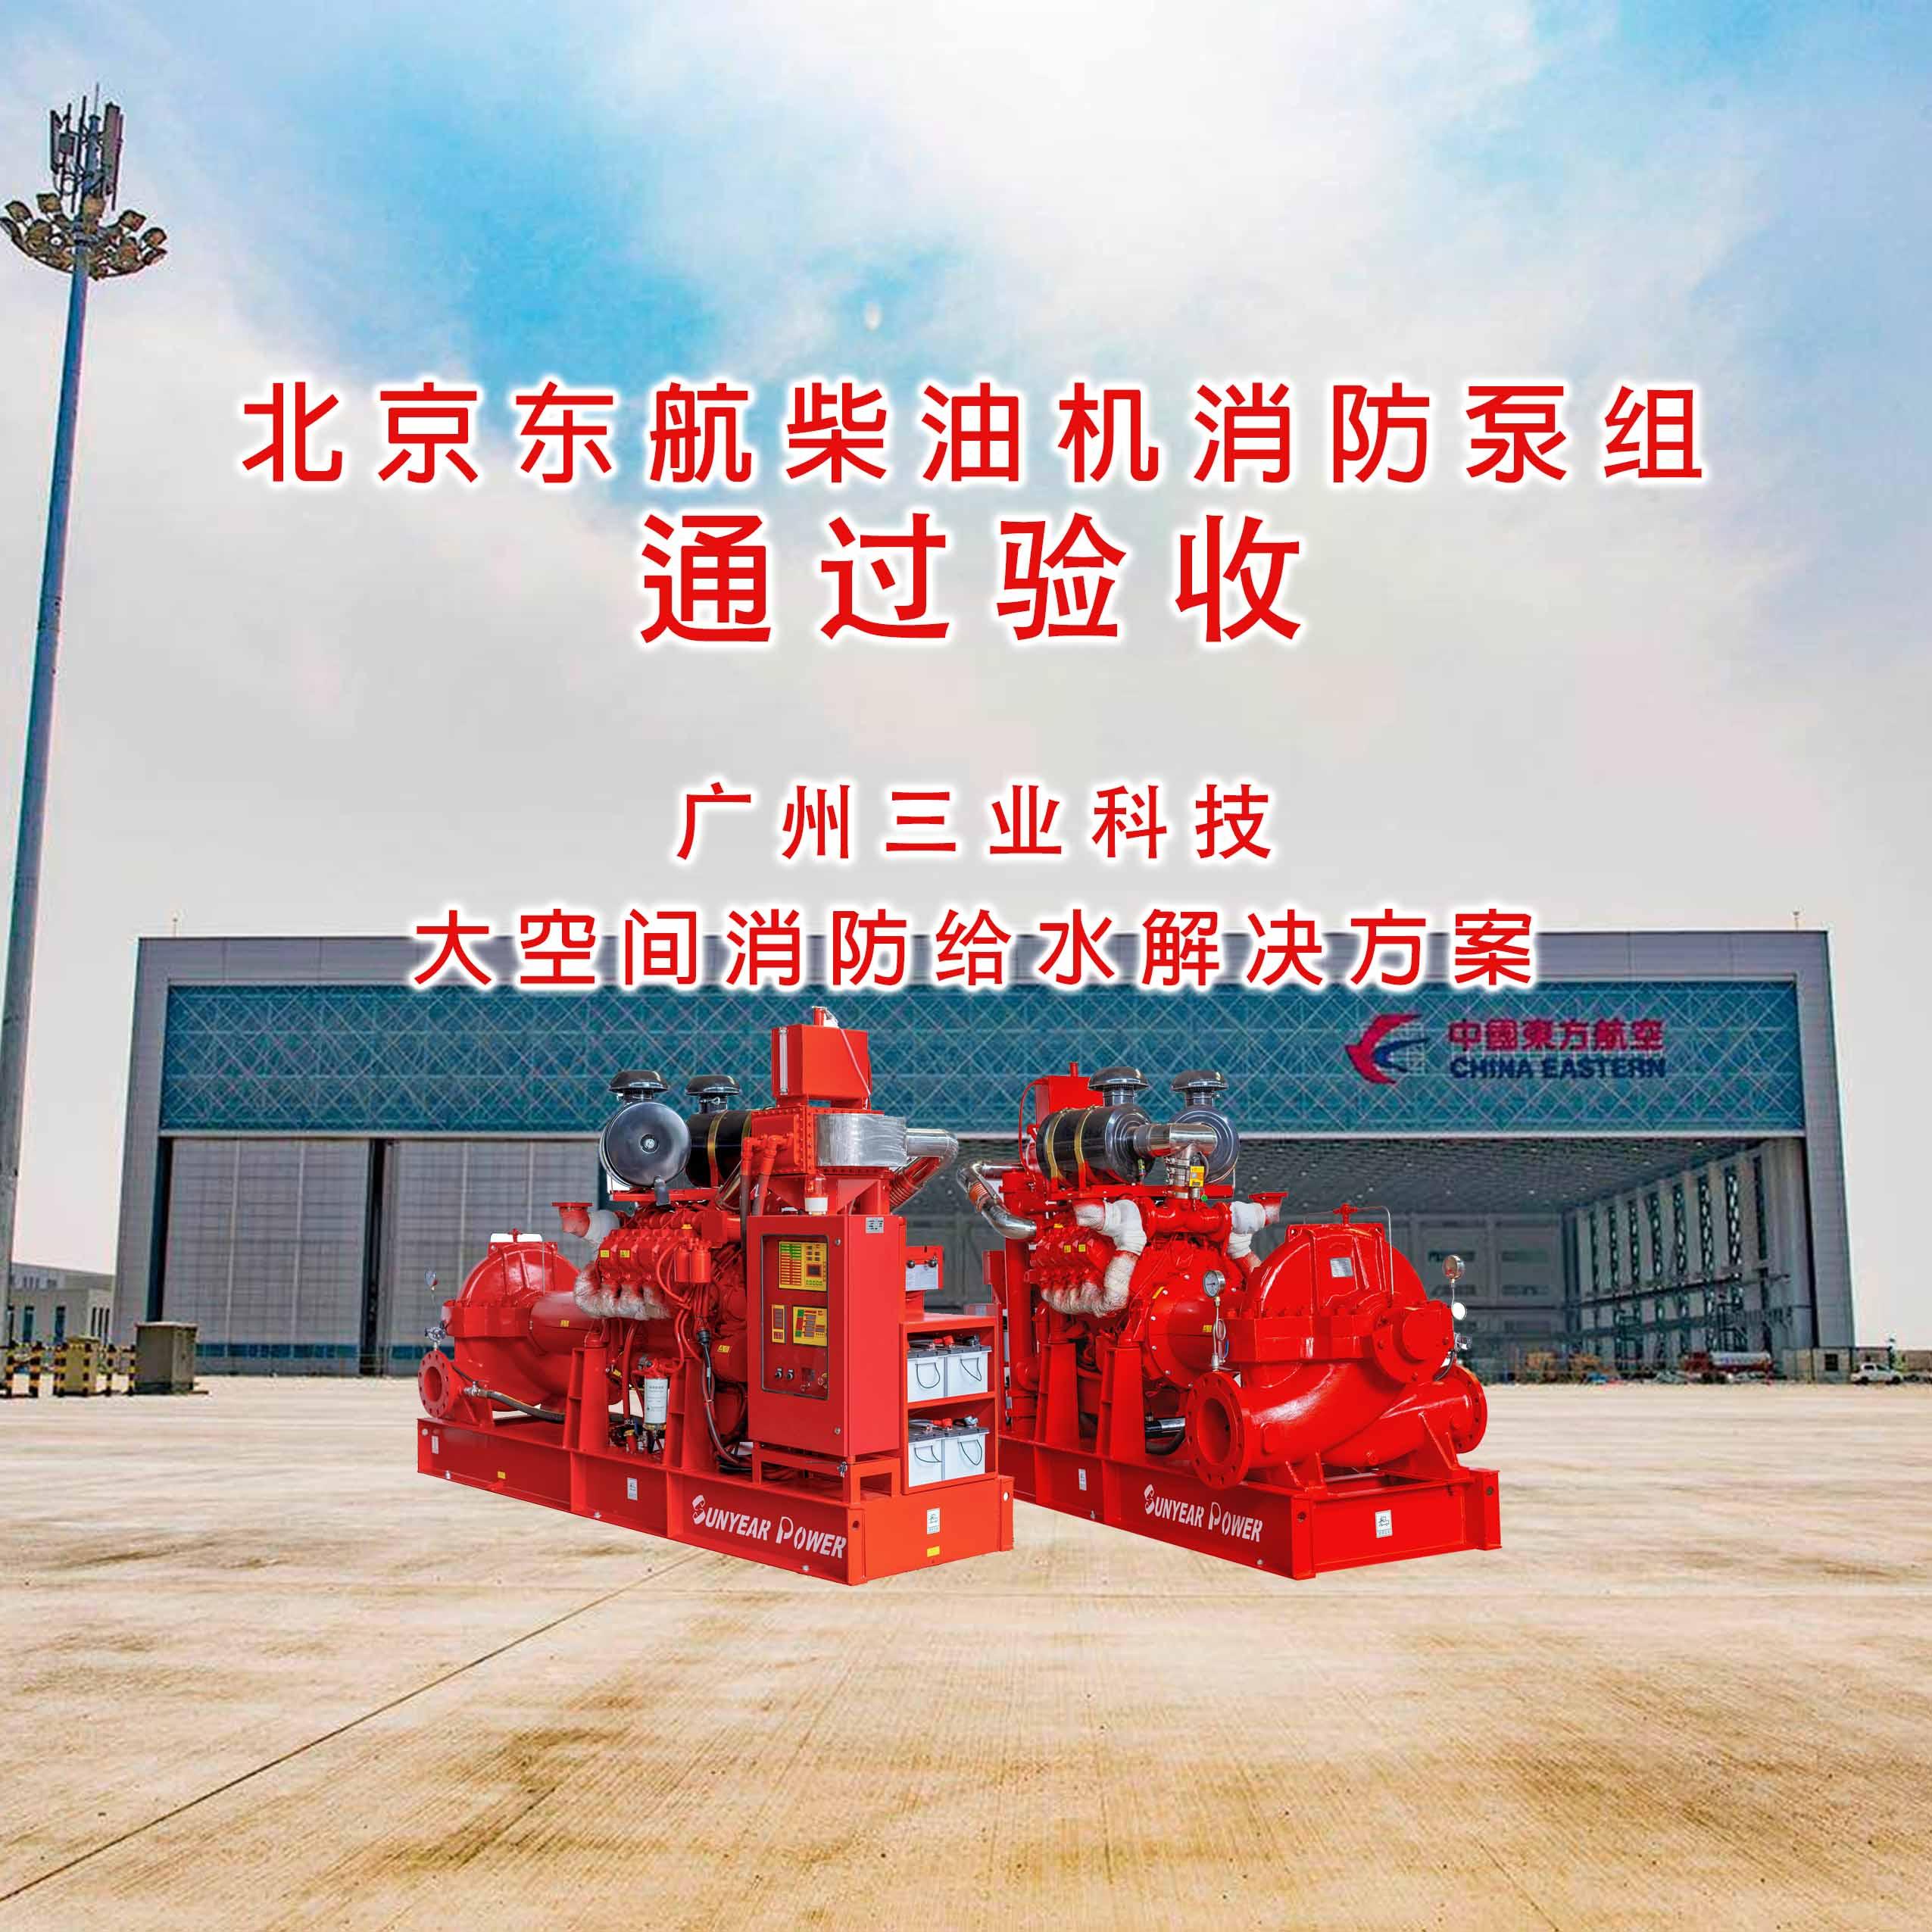 广州三业在北京东航维修基地柴油机消防泵通过验收